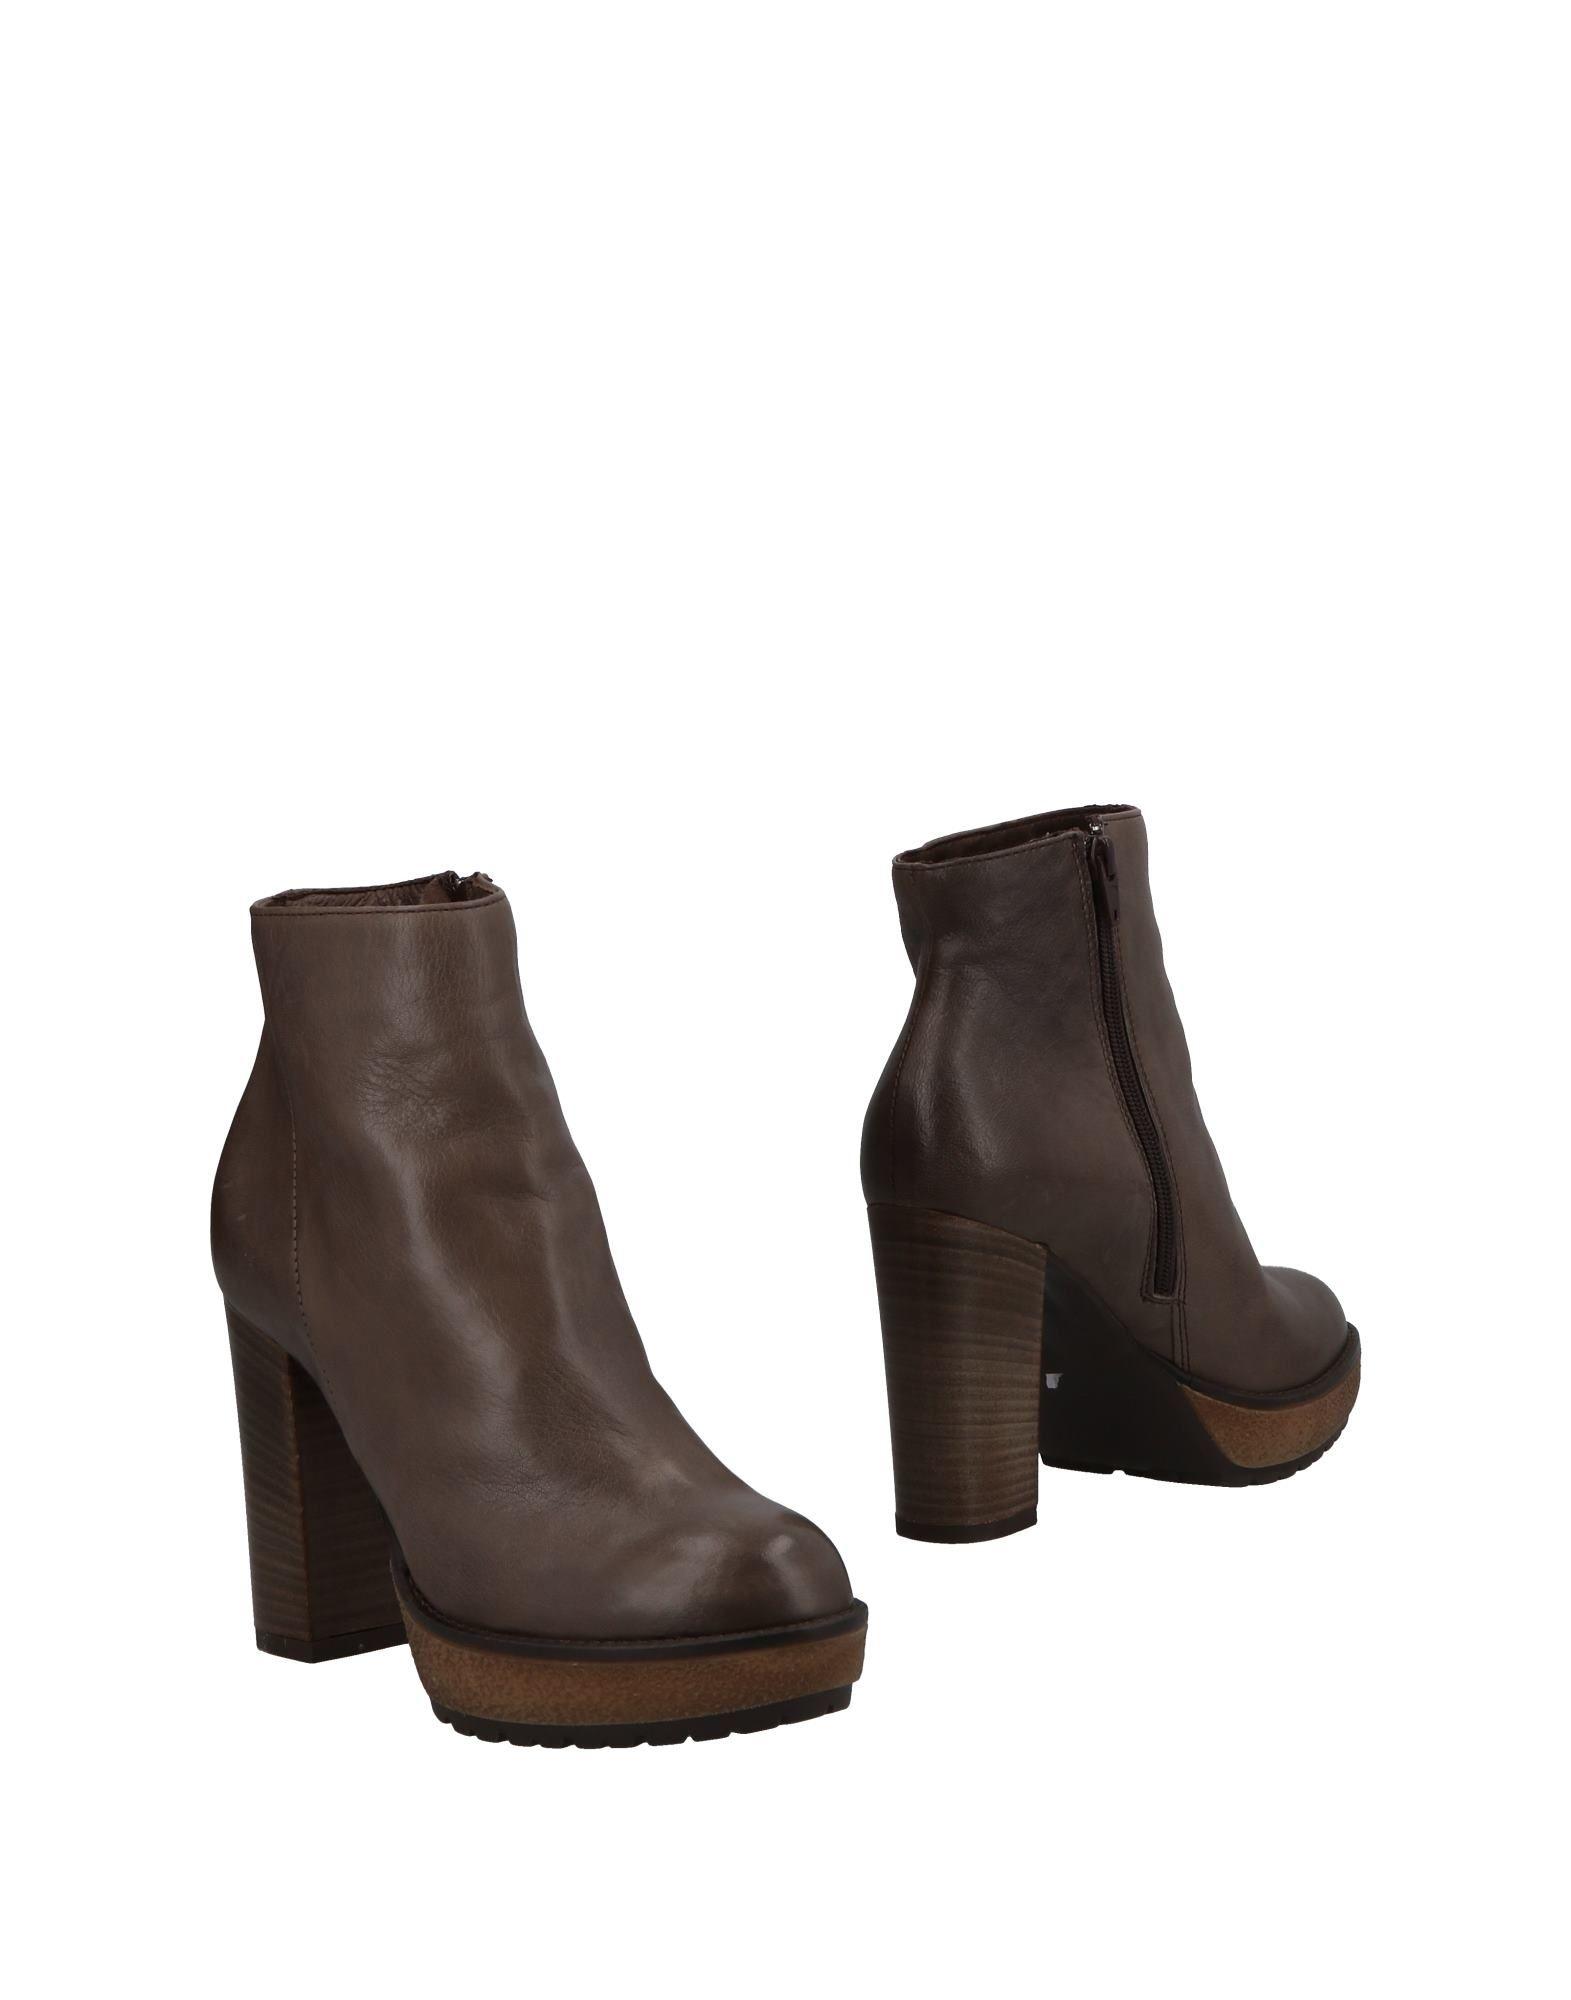 Manas Stiefelette Damen  11499073TM Gute Qualität beliebte Schuhe